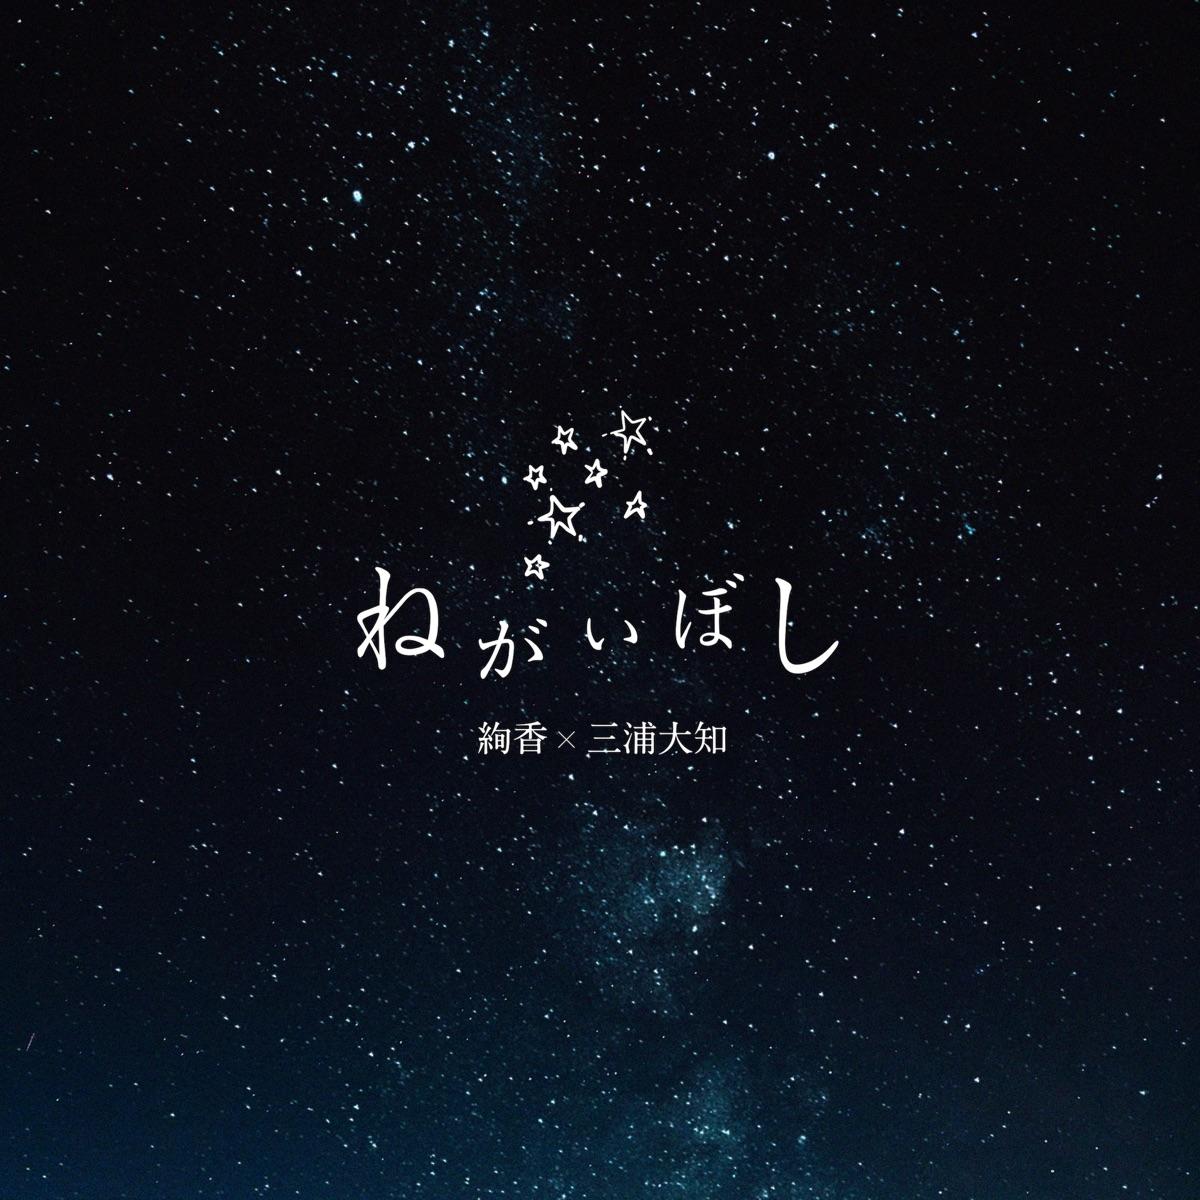 『絢香&三浦大知 - ねがいぼし』収録の『ねがいぼし』ジャケット